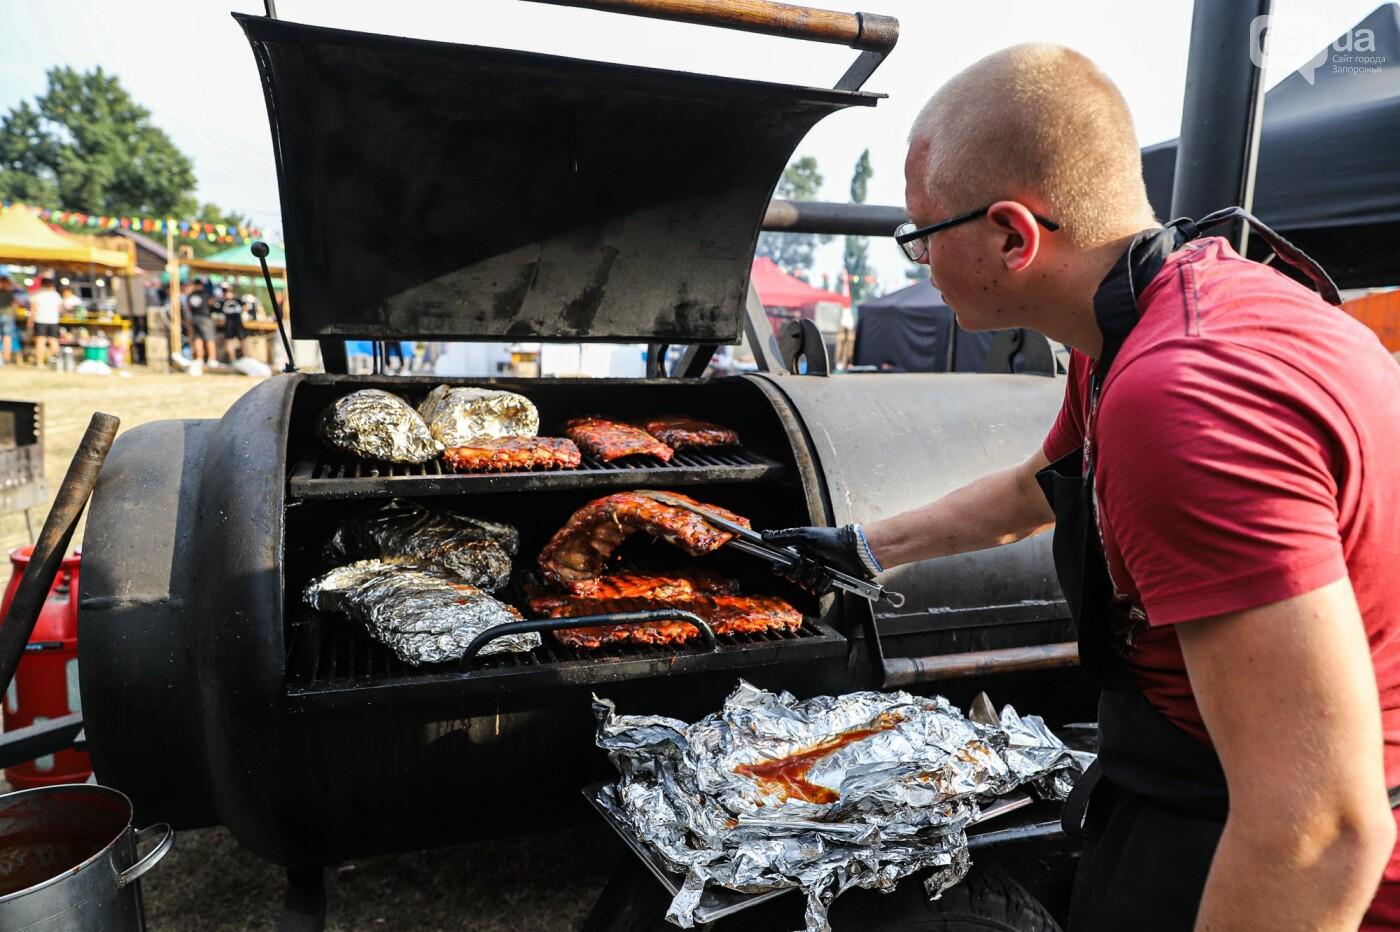 Бограч в хлебных горшочках и мясо из уникальной печи: что нового на фестивале уличной еды в Запорожье, - ФОТОРЕПОРТАЖ, фото-21